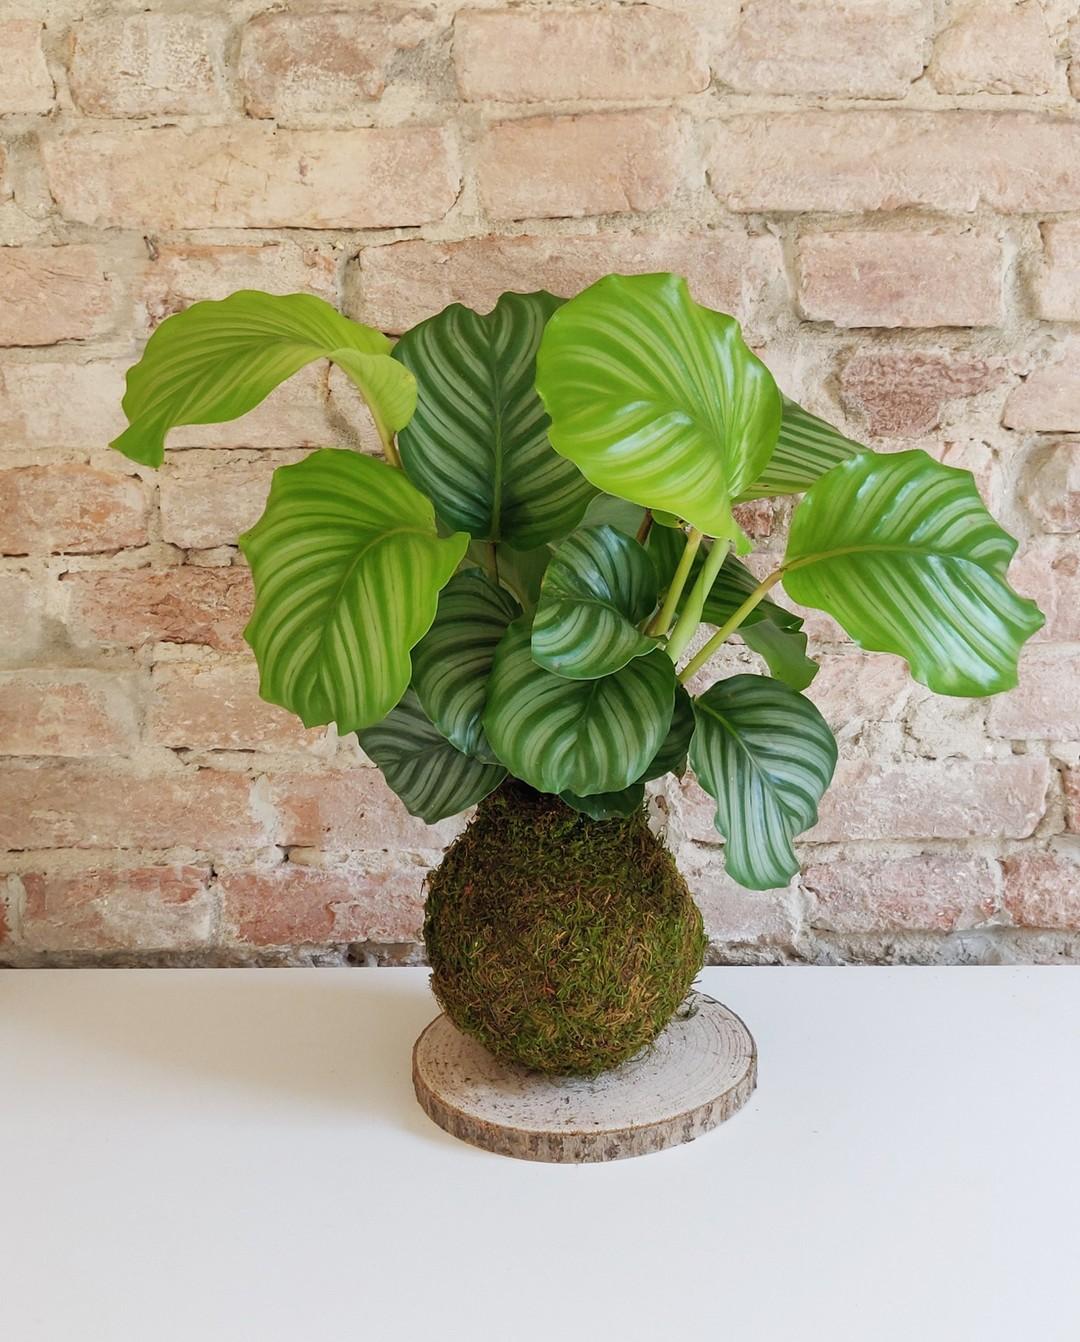 Calathea Orbifolia. Questa pianta risulta in grado di migliorare la qualità dell'aria che respiriamo e limitare l'inquinamento domestico.